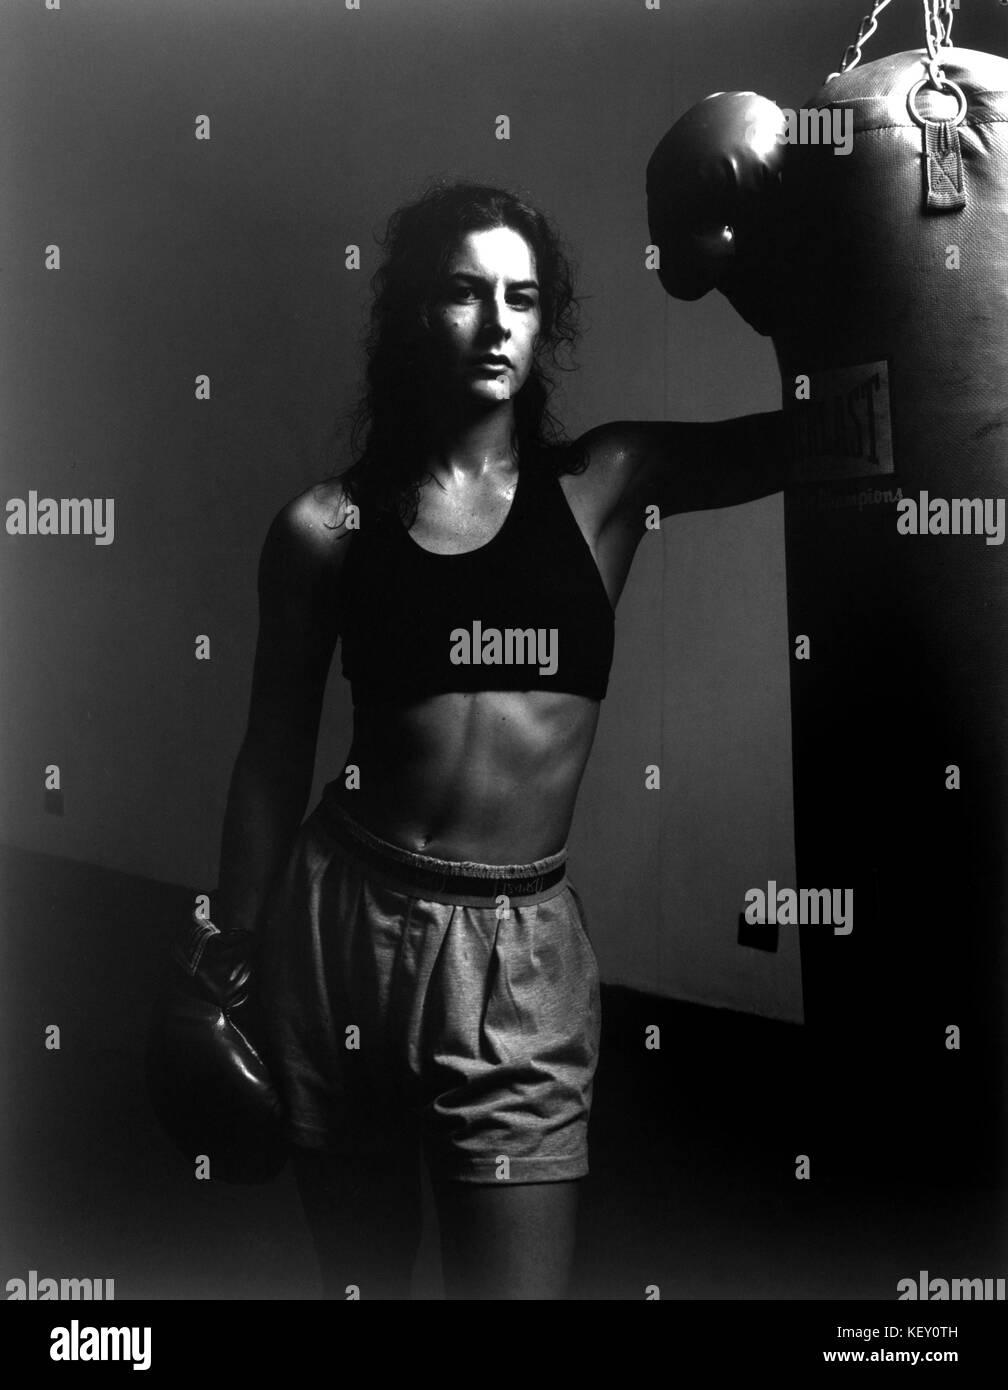 Donna/ragazza nel pugilato palestra dopo allenamento Immagini Stock